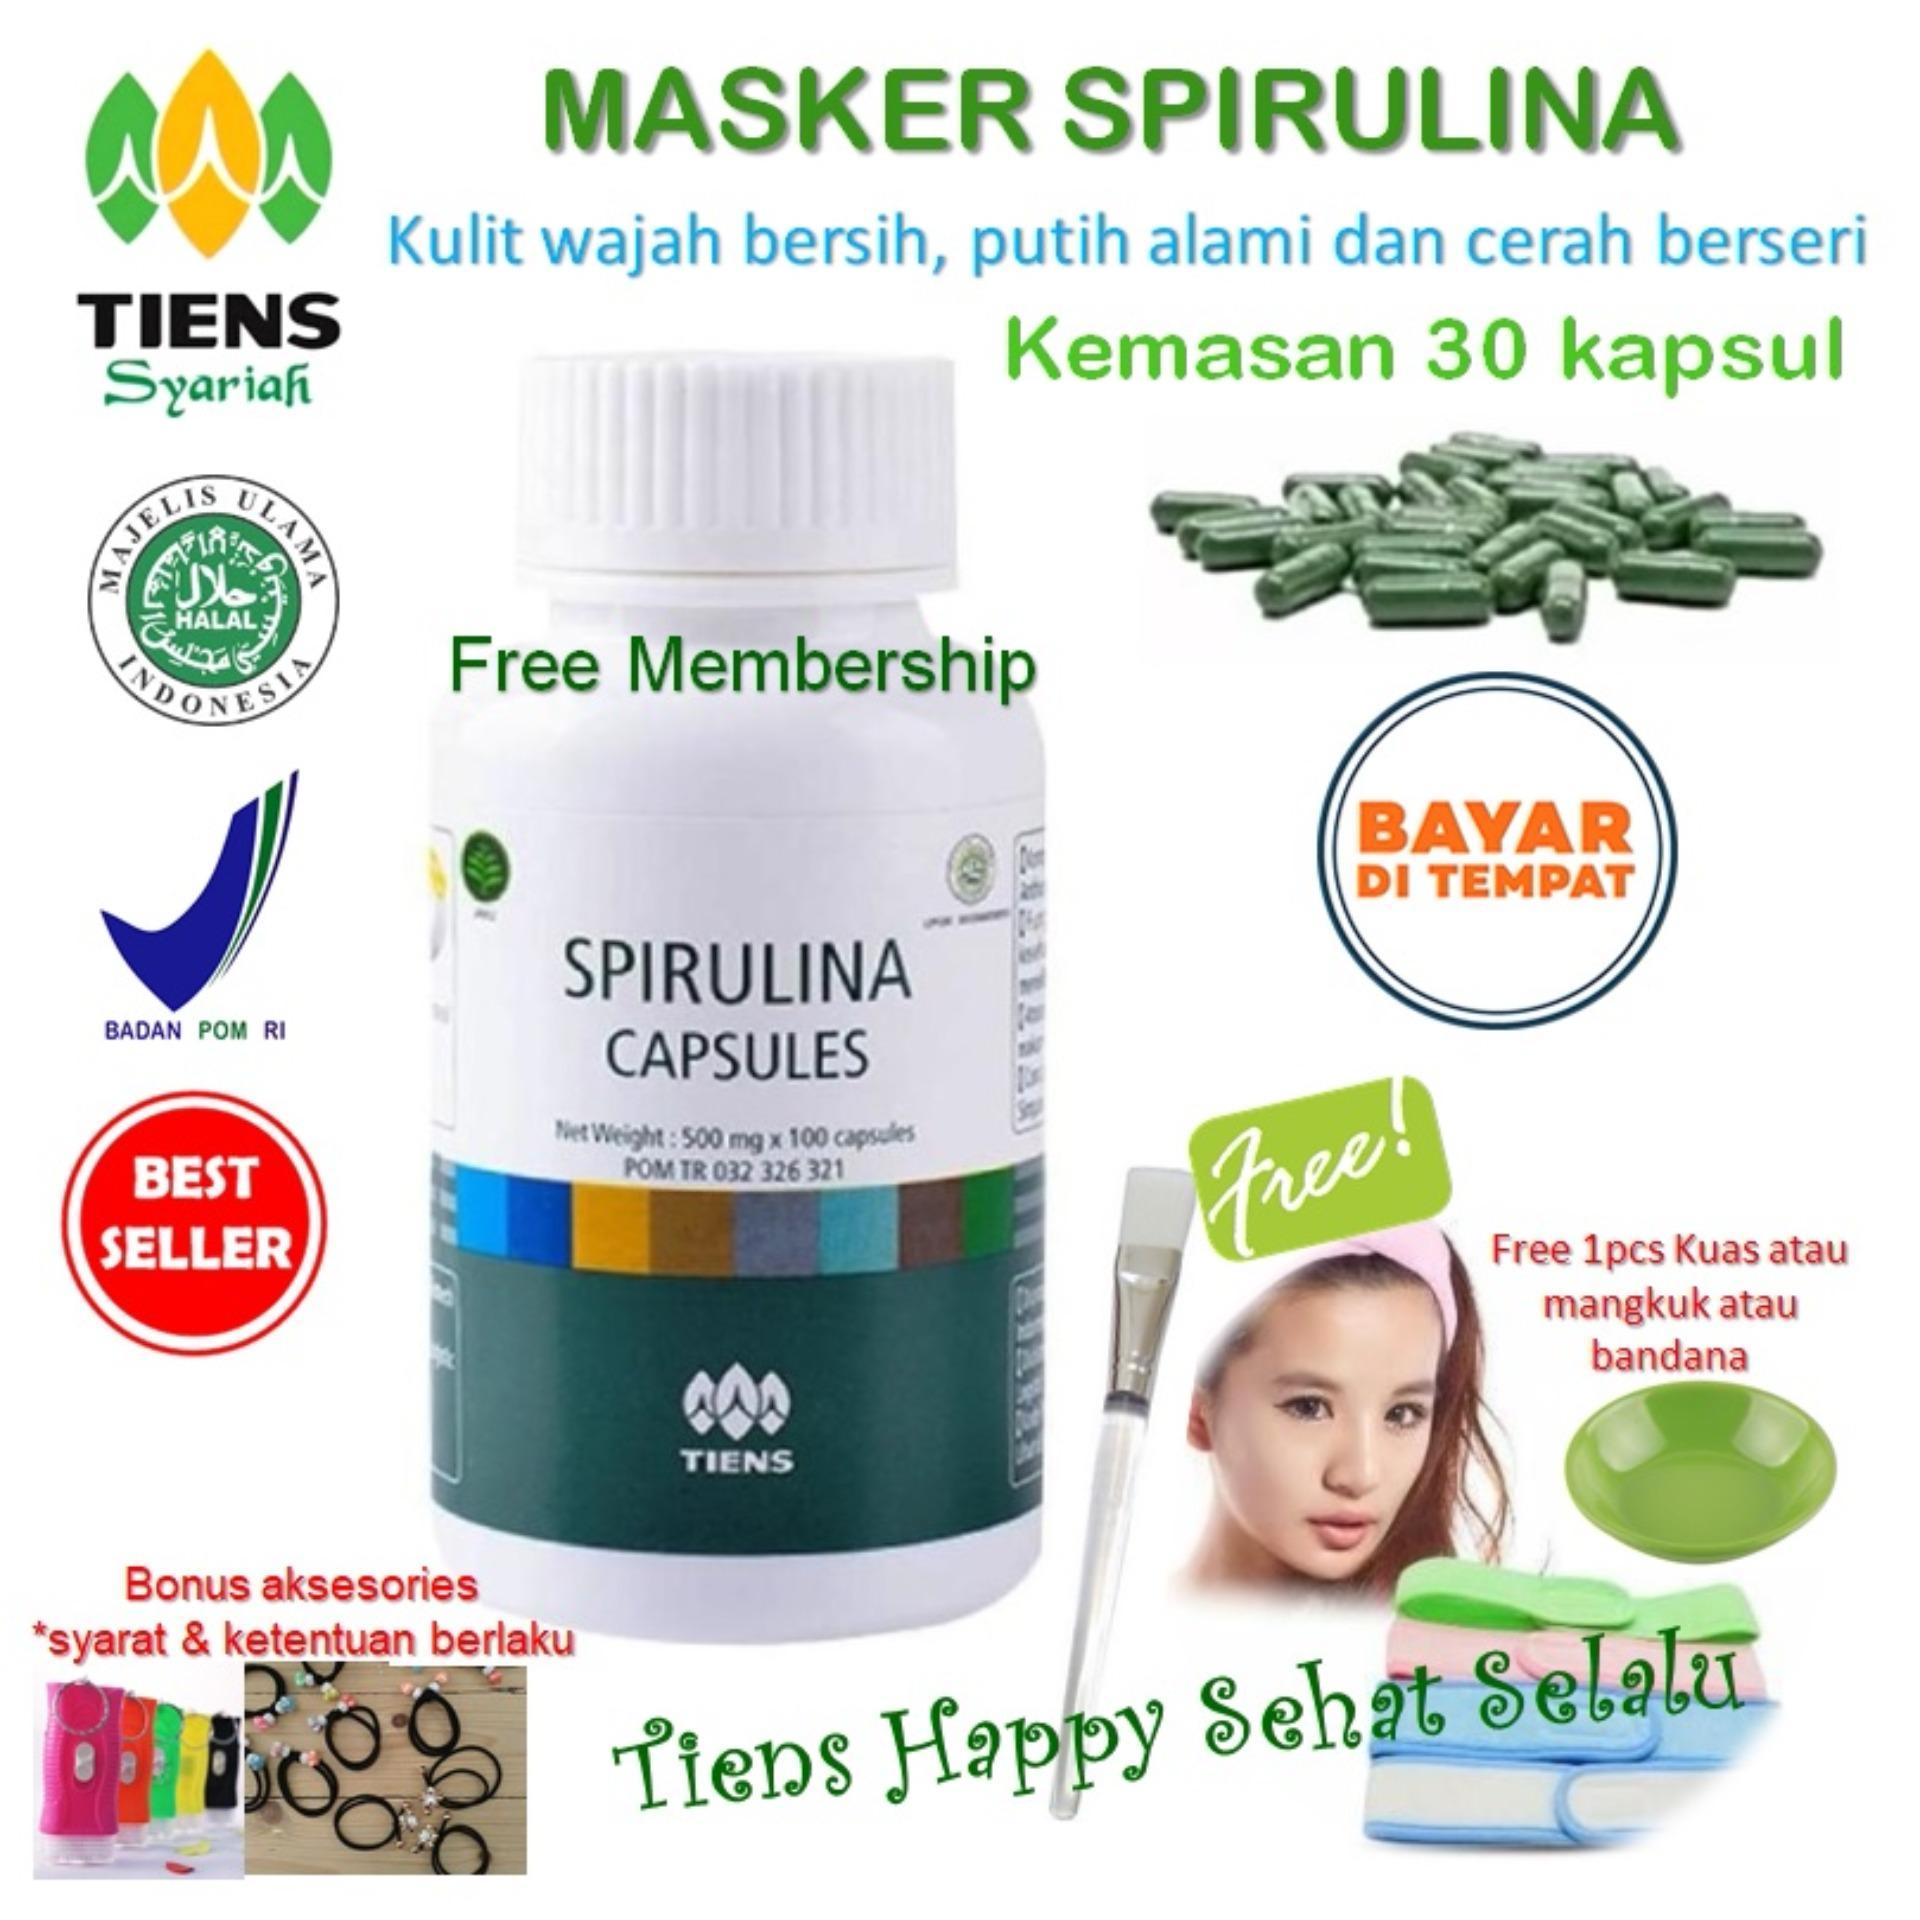 Harga Masker Spirulina Herbal Pemutih Wajah Tiens Isi 30 Kapsul Asli Tiens